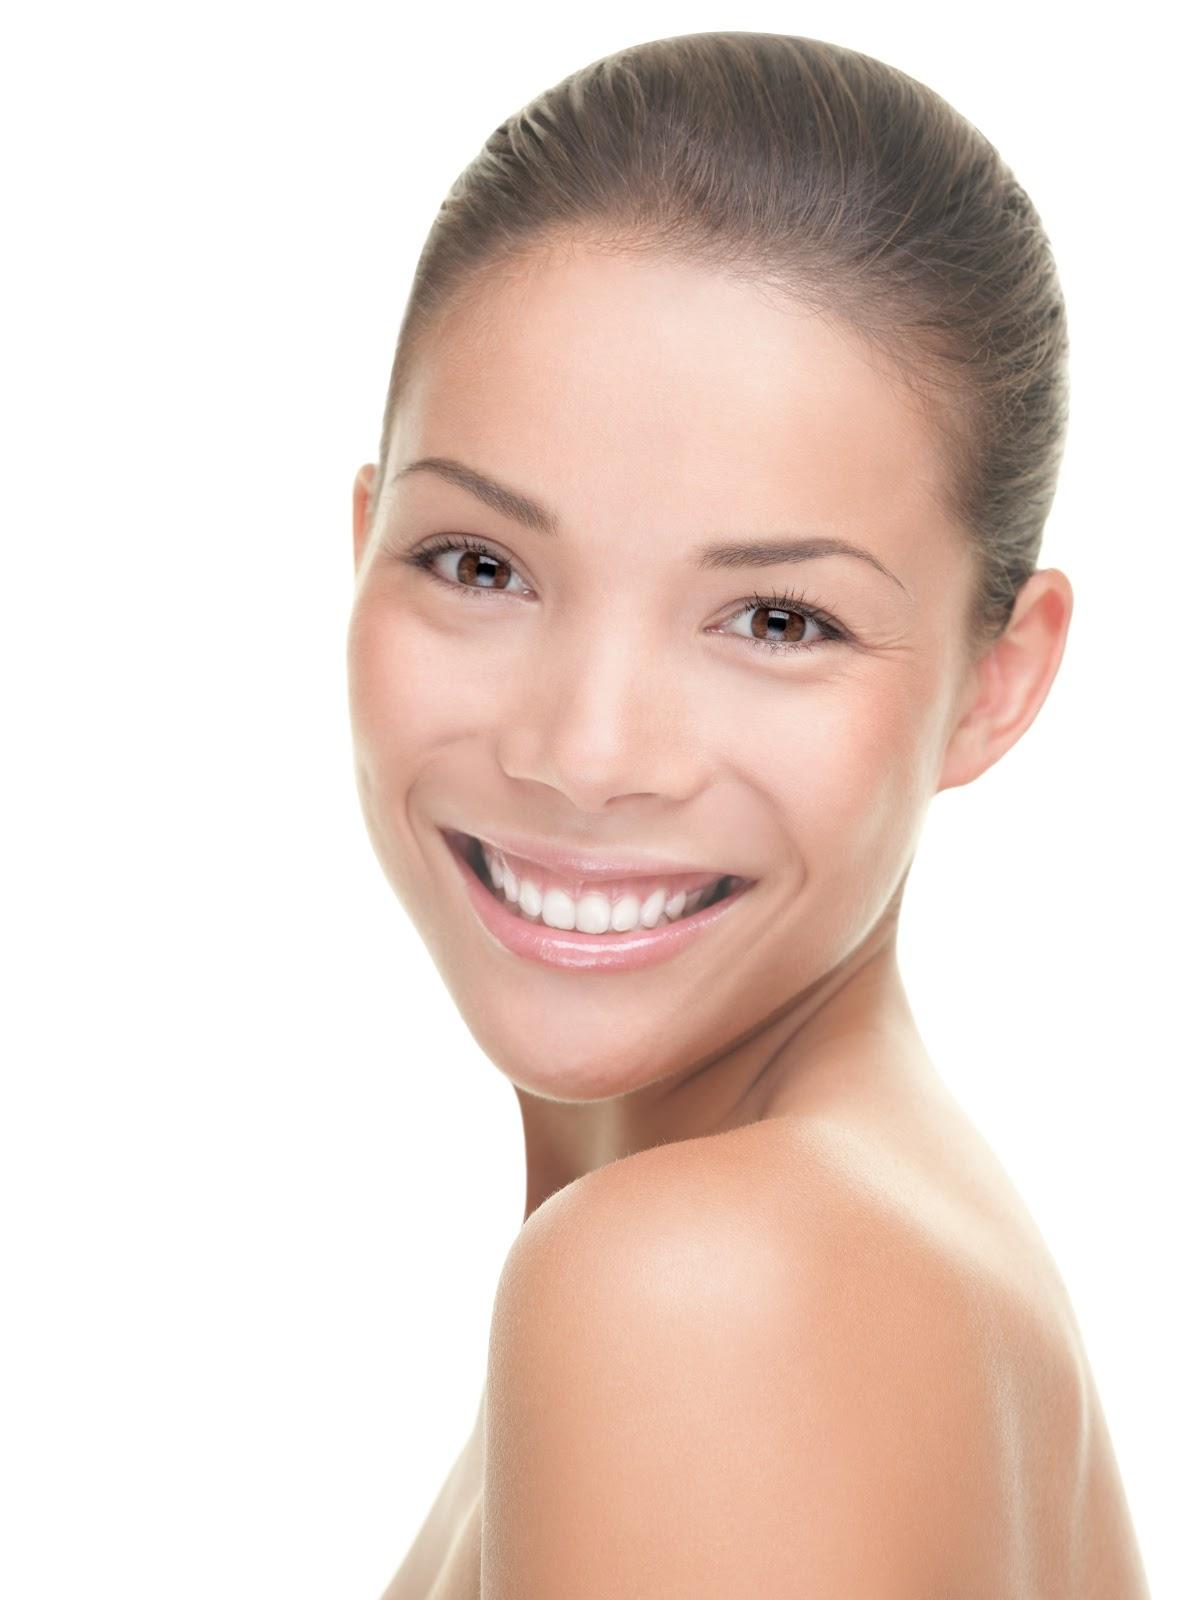 Ipl Asian Skin 2